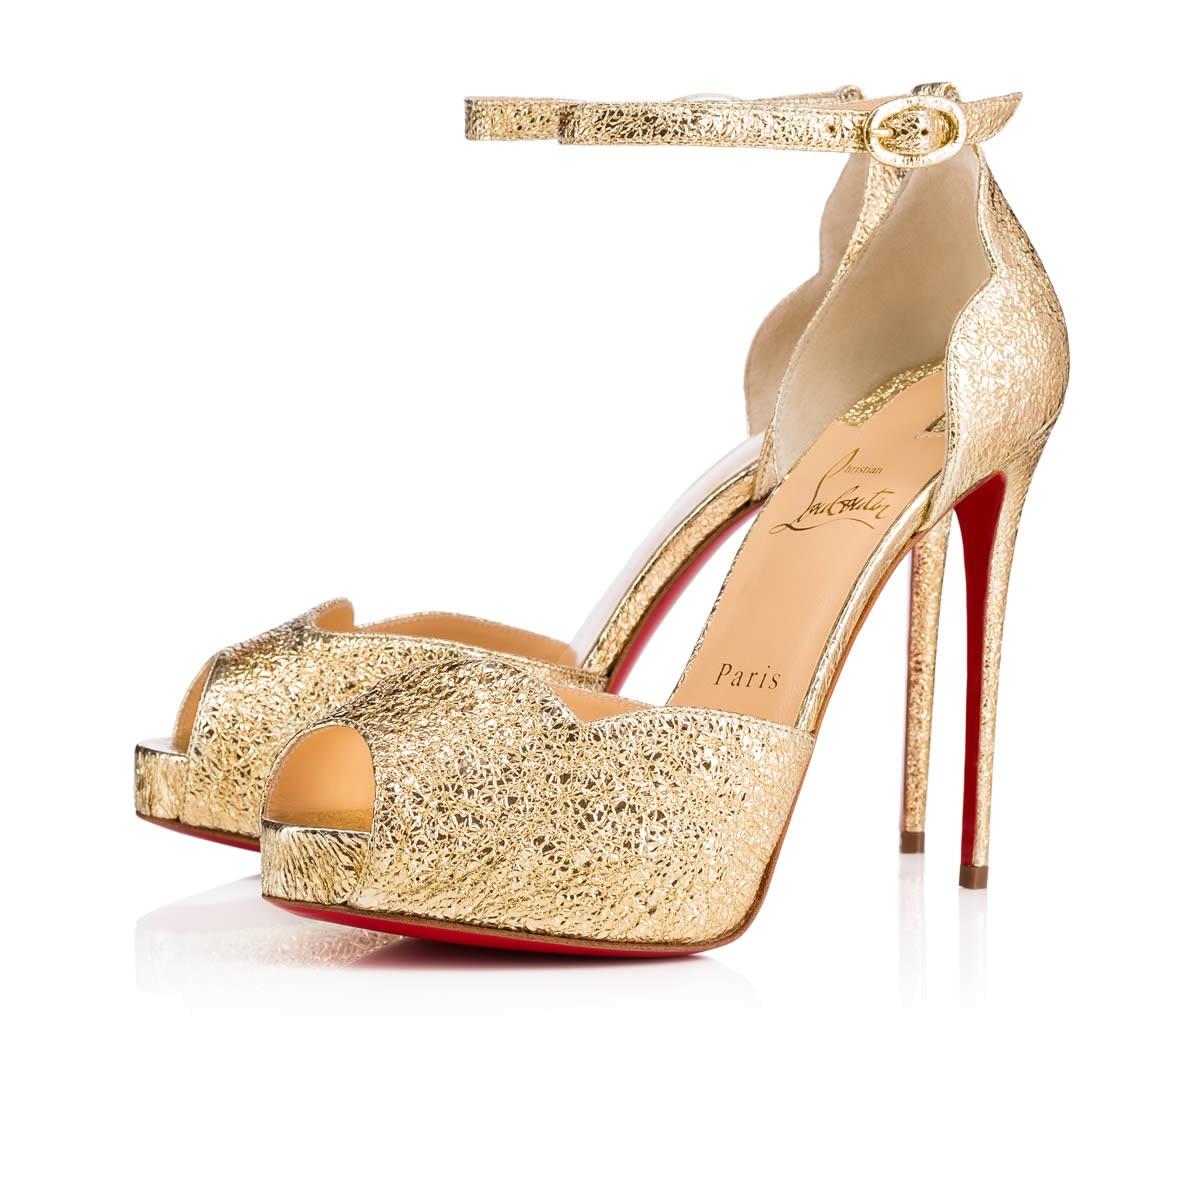 Sandali oro da sposa Christian Louboutin collezione 2018